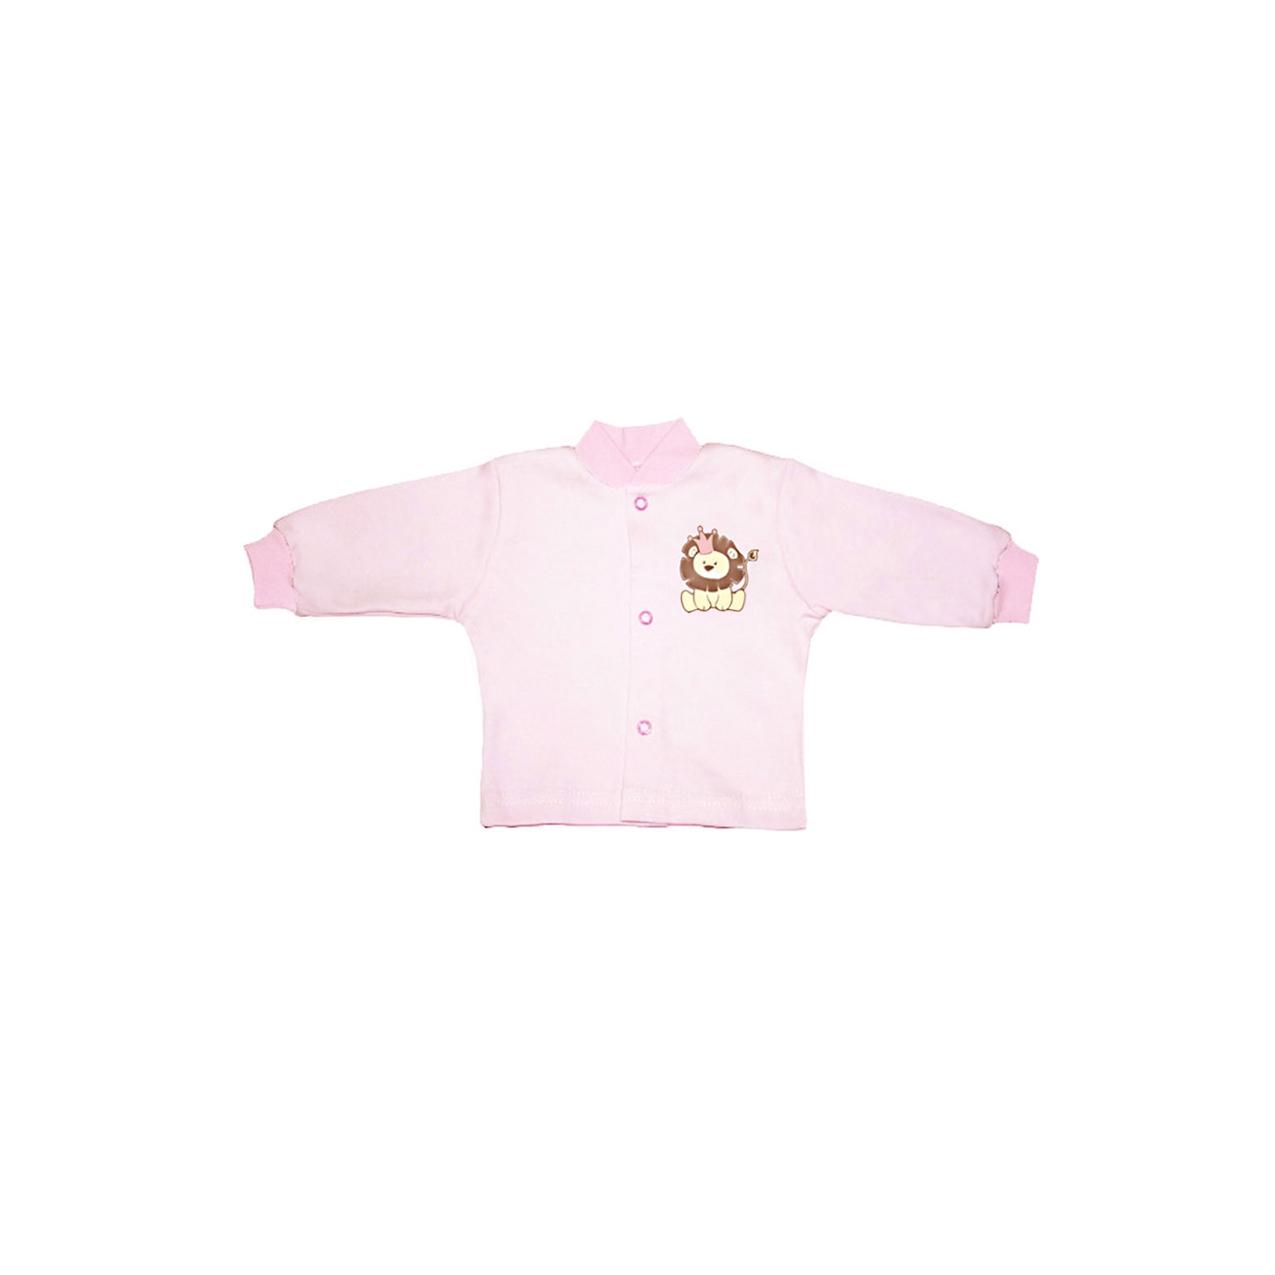 Кофточка КОТМАРКОТ для девочки, цвет розовый 6-9 мес (размер 74)<br>